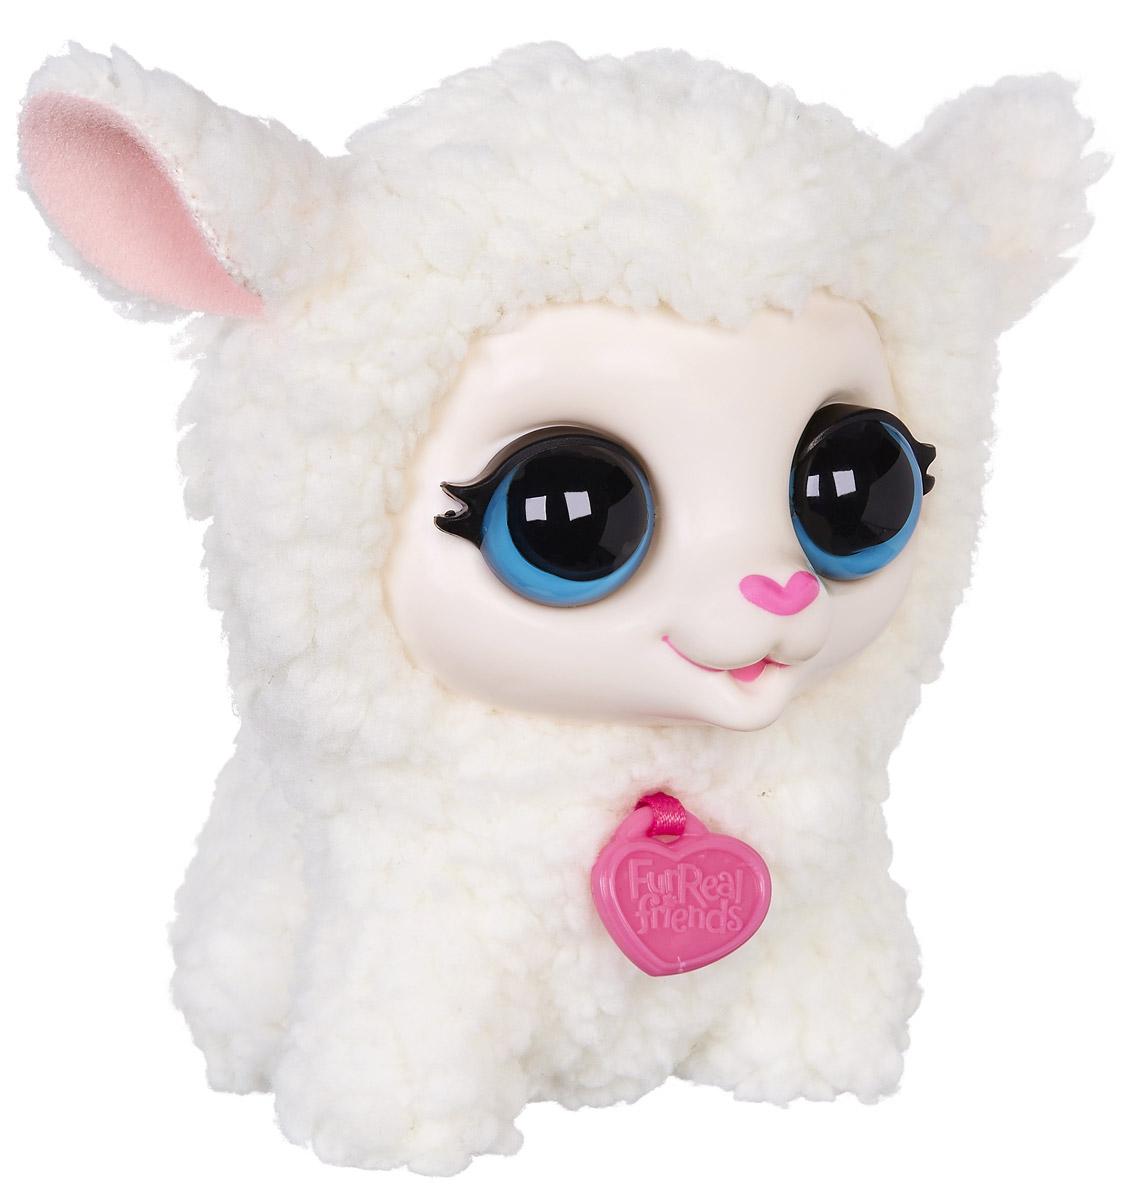 FurReal Friends Интерактивная игрушка ОвечкаB0698_B4987Ваш ребенок мечтает о маленьком ласковом зверьке, но нет возможности исполнить его желание? Мягкая озвученная игрушка FurReal Friends Овечка приведет в восторг вашего малыша. Приятная на ощупь игрушка выполнена в виде милой овечки с черными пластиковыми глазками. При нажатии кнопки на ее спинке овечка поднимает голову и издает забавные звуки. Игрушка выполнена из безопасных и качественных материалов. Мягкая озвученная игрушка FurReal Friends Овечка принесет ребенку много радости и станет верным другом на долгое время. Рекомендуется докупить 2 батарейки напряжением 1,5V типа LR44 (товар комплектуется демонстрационными).